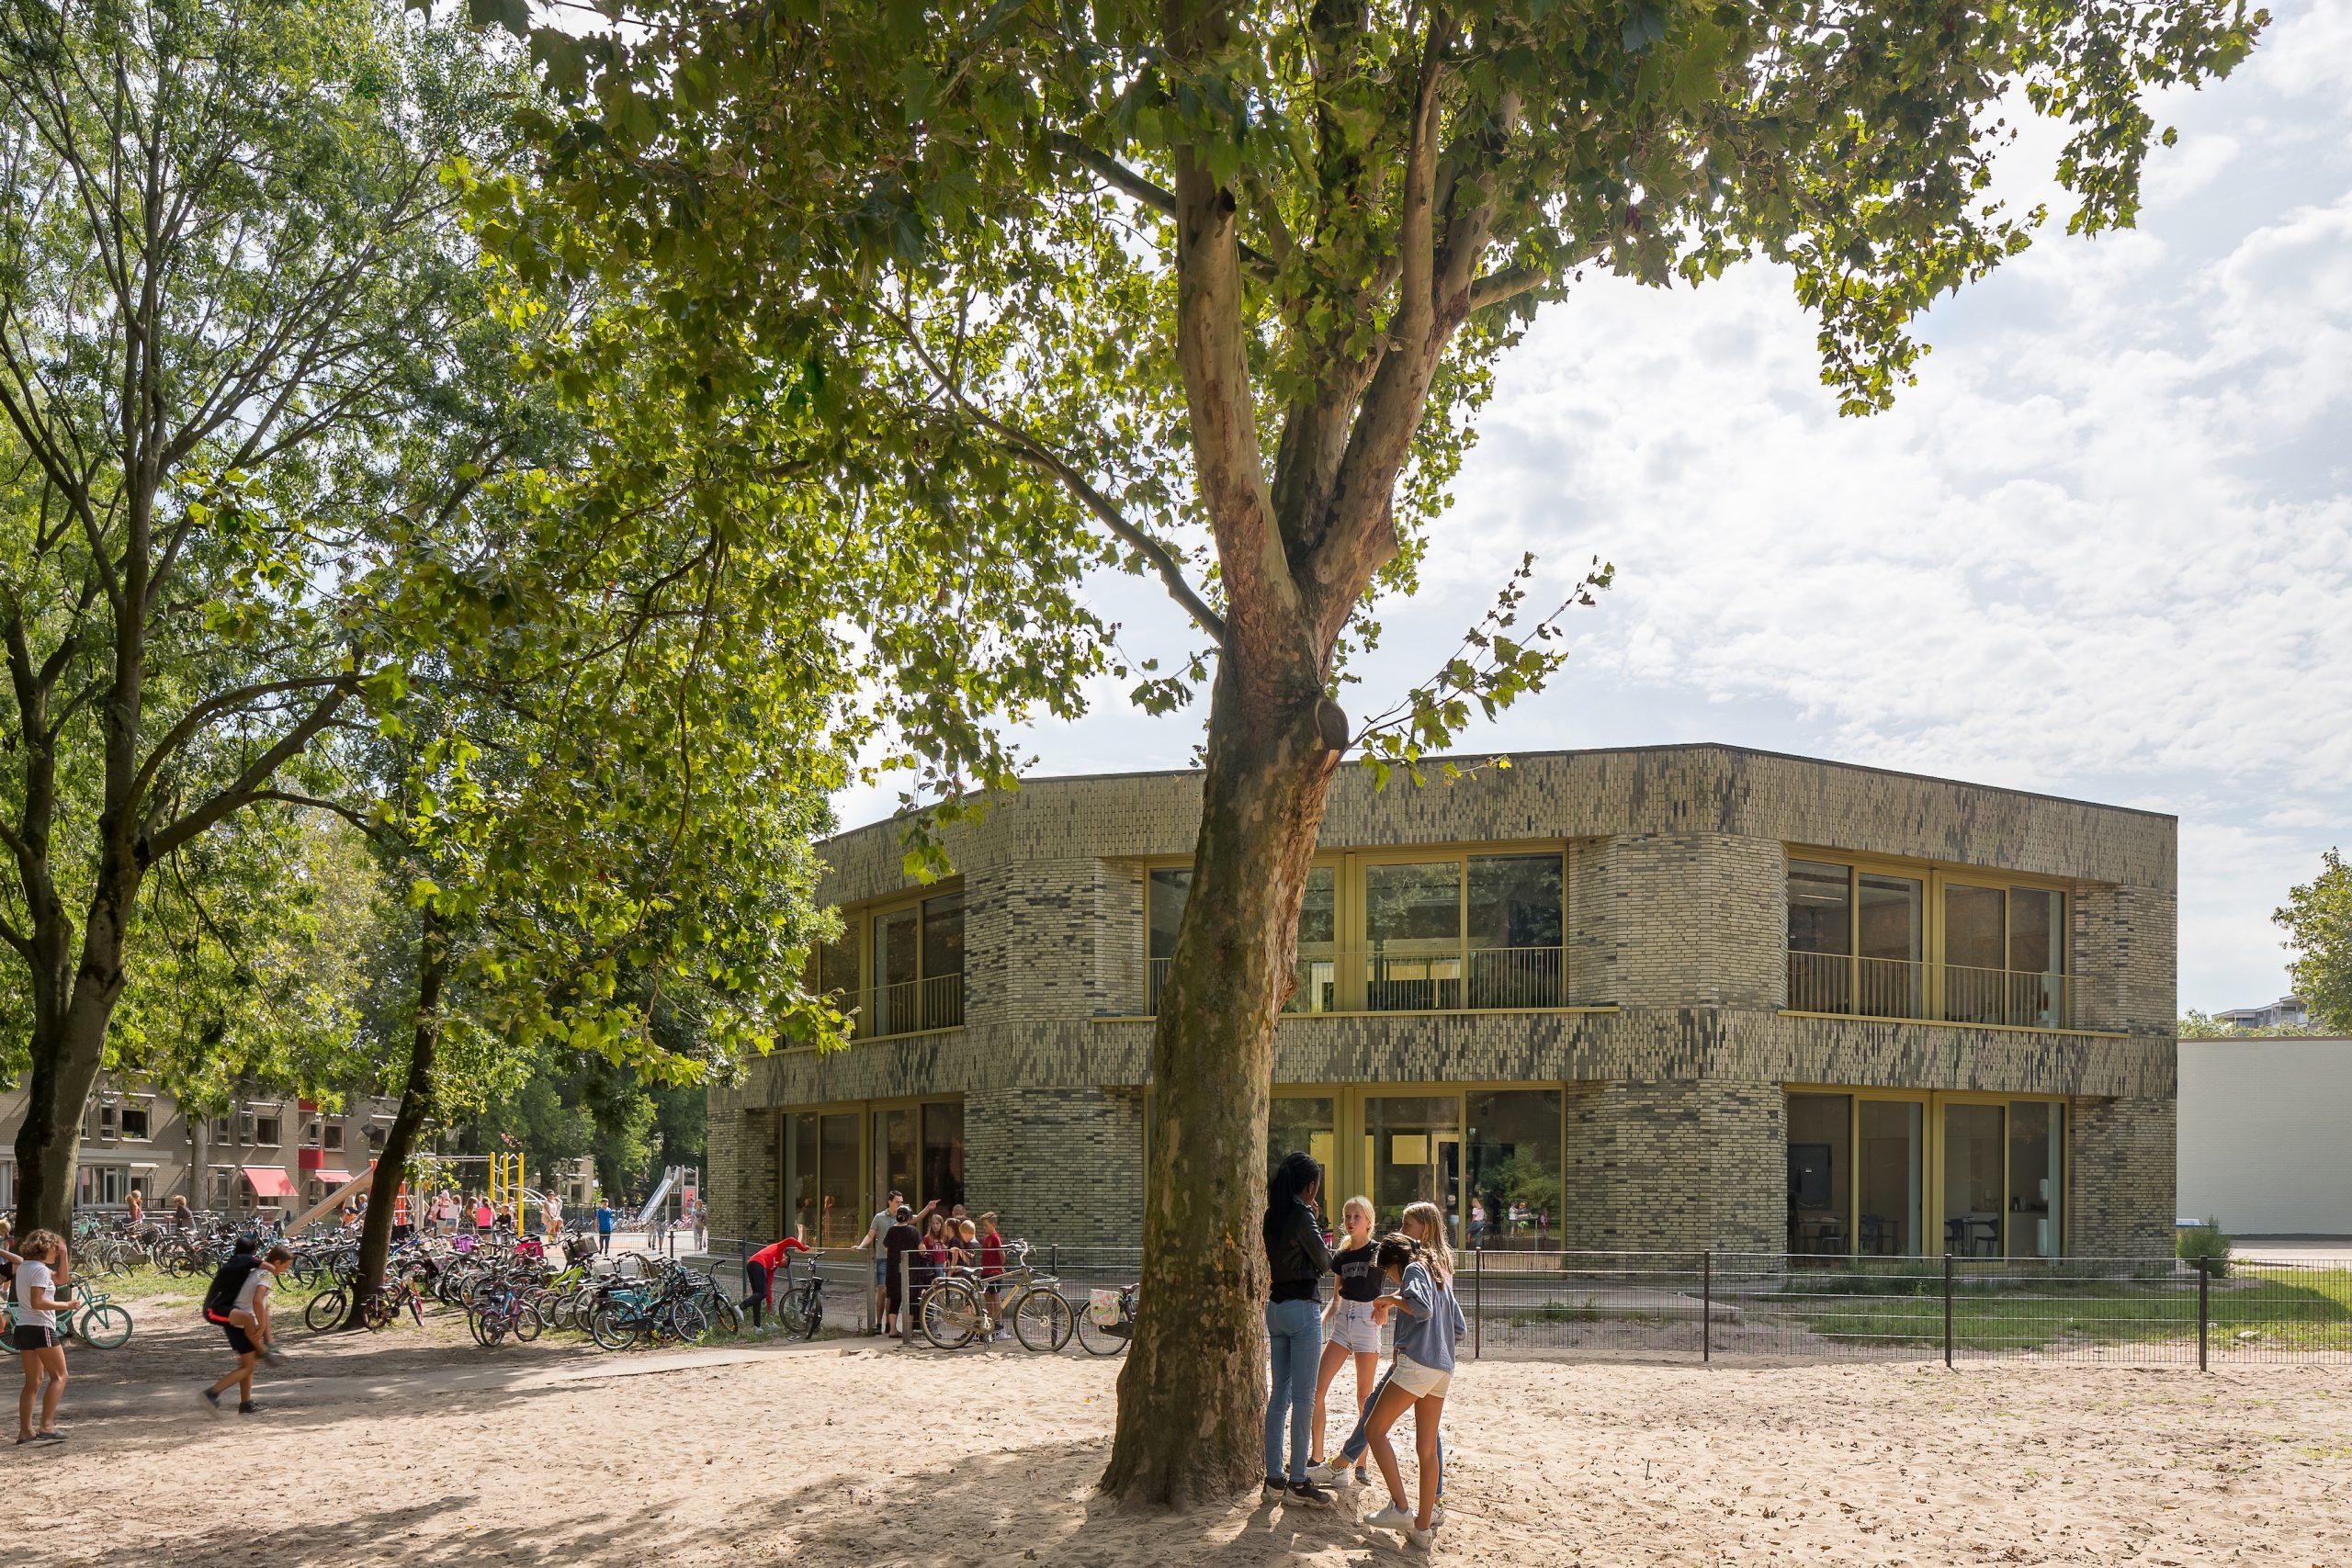 Molenwiek genomineerd voor Schoolgebouw van het jaar door Architectenweb